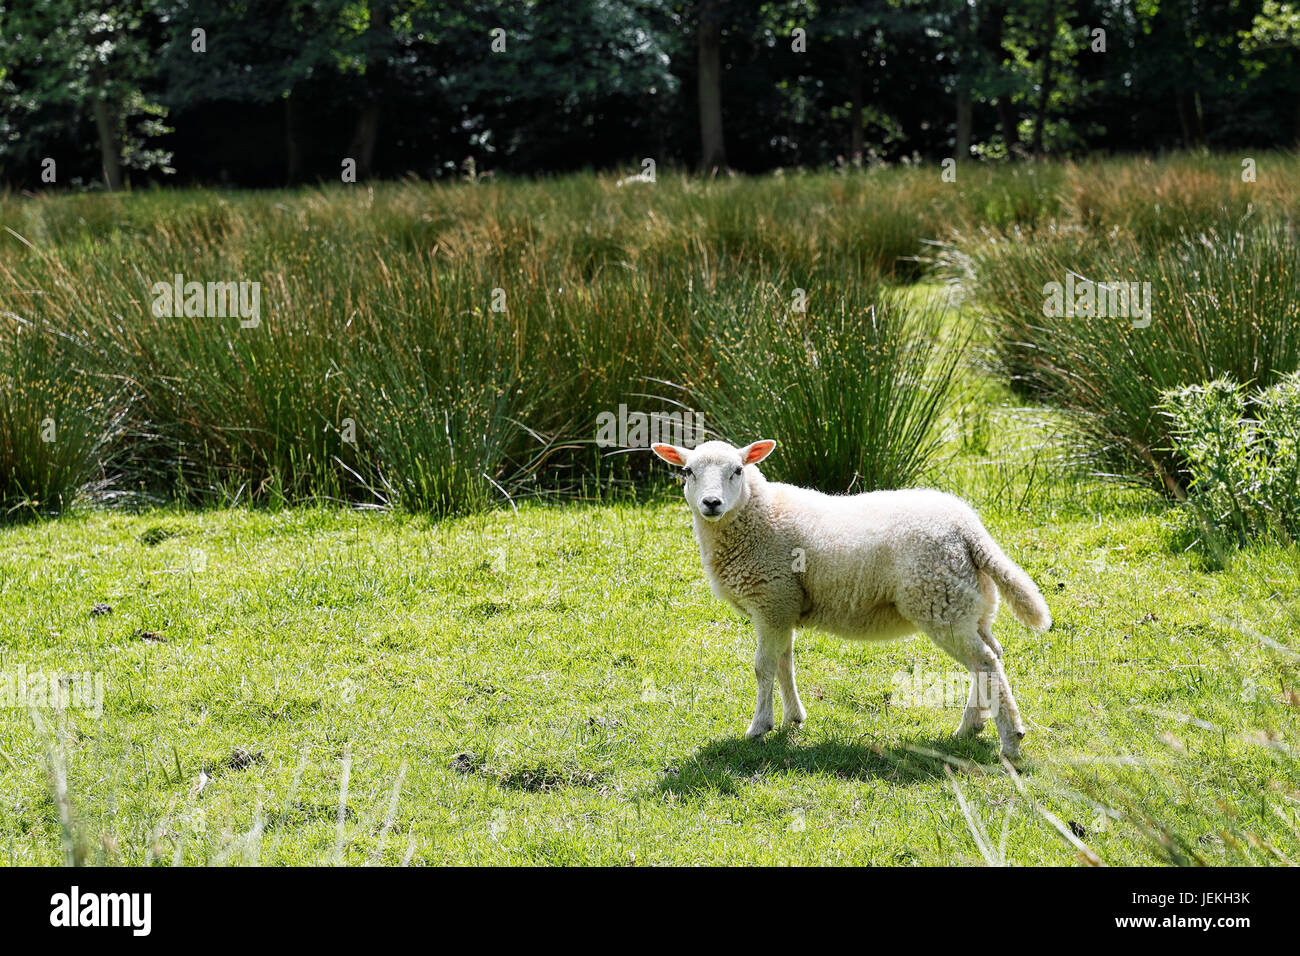 Un agneau dans les plaines du pré en début de juin Photo Stock